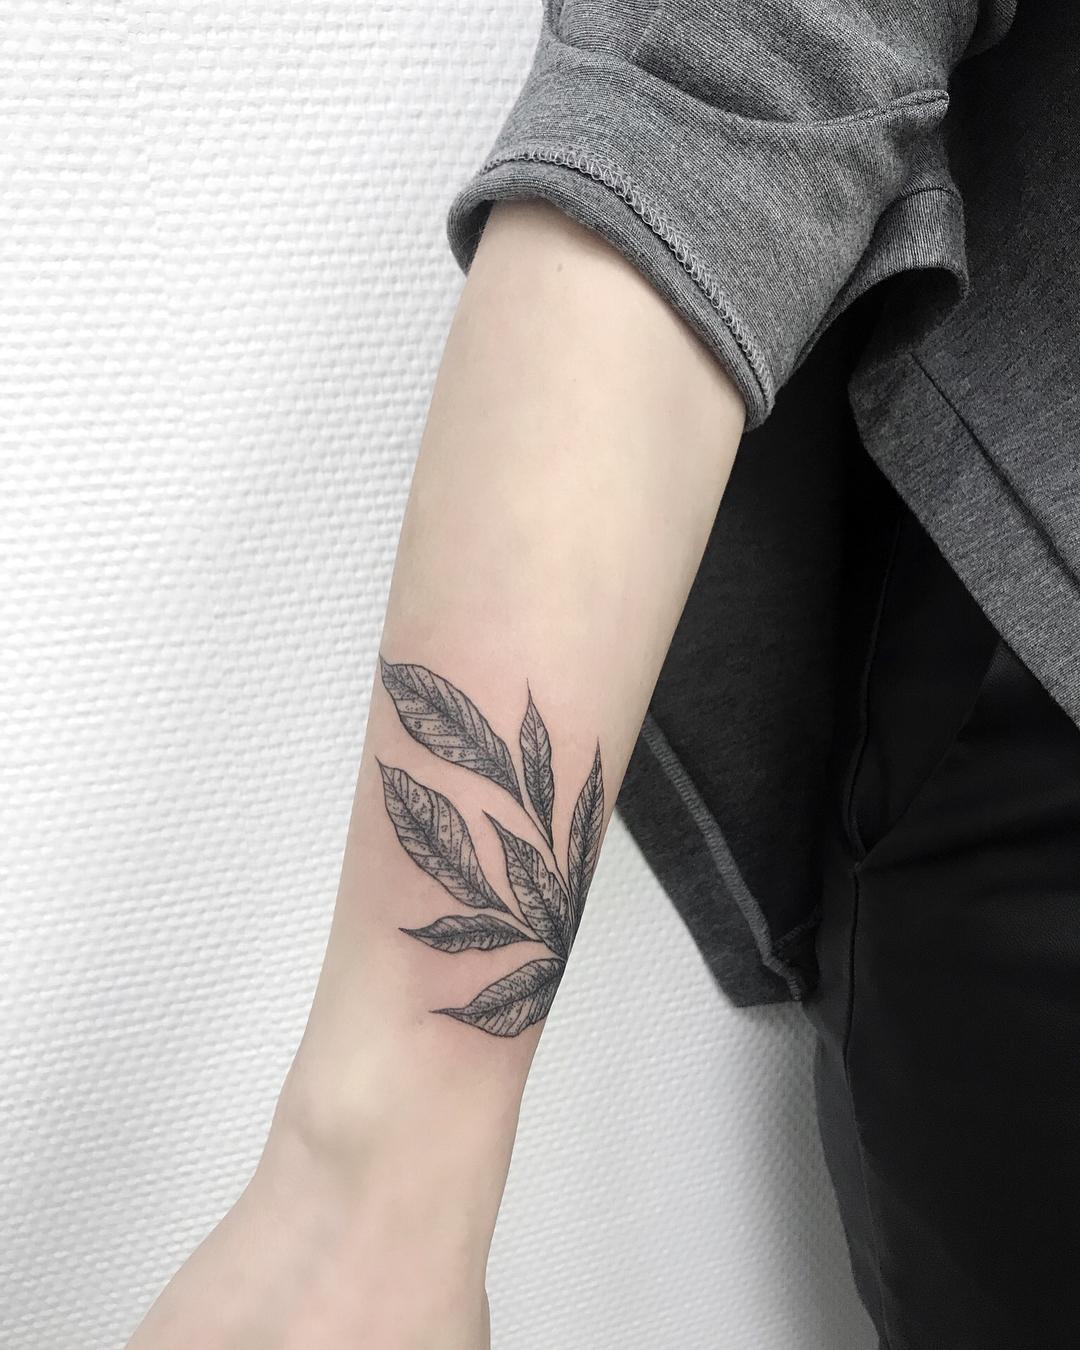 小臂树叶纹身图案